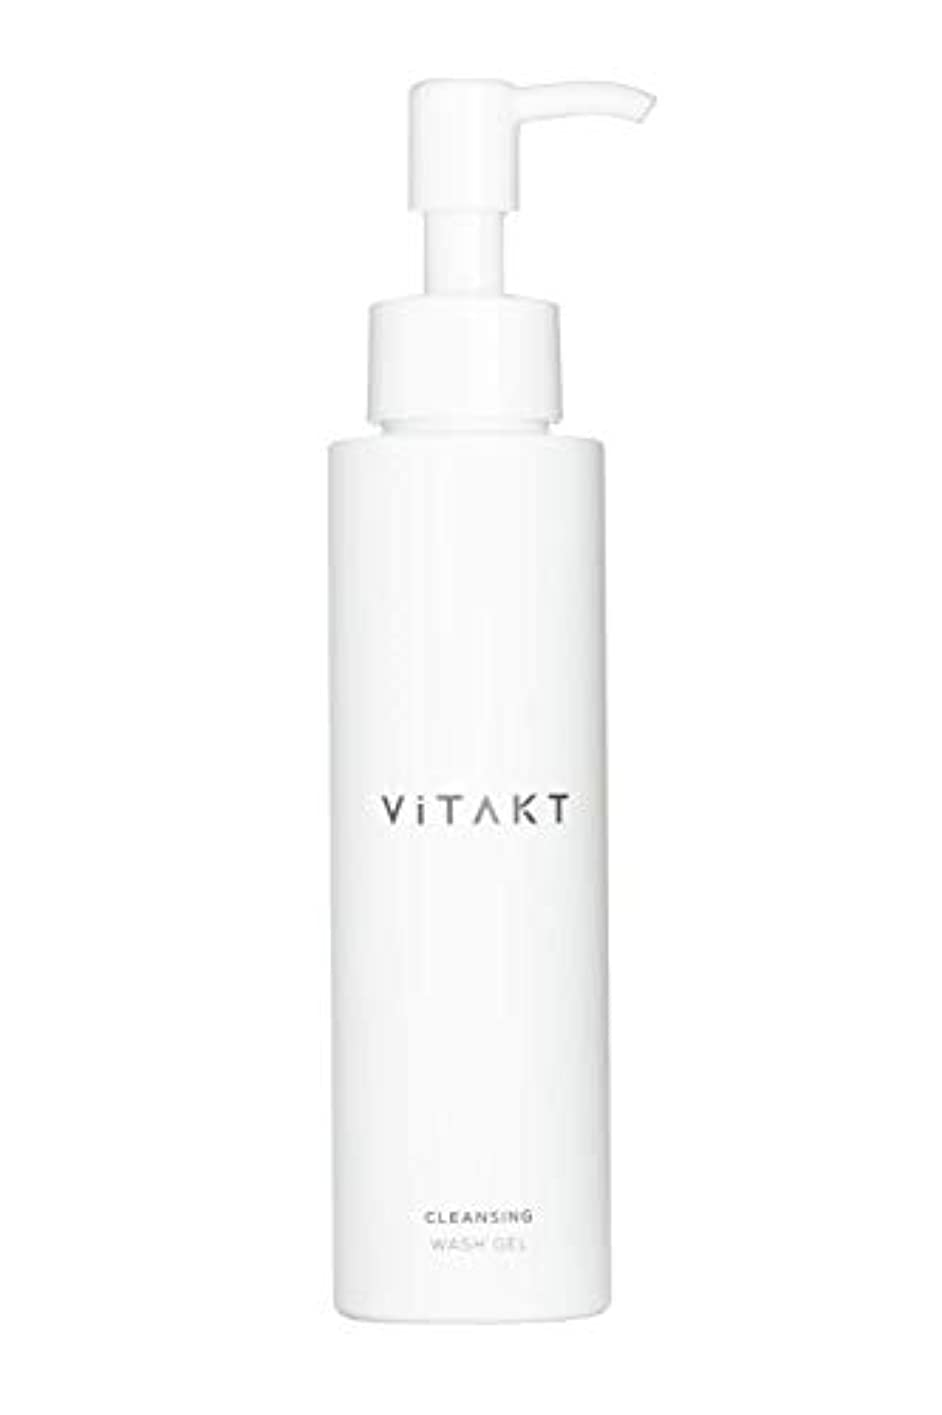 前述の避難キャプテンブライヴィタクト ViTAKT クレンジングウォッシュジェル (洗顔 + メイク落とし/W洗顔不要) 無添加 まつエク対応 (120mL)